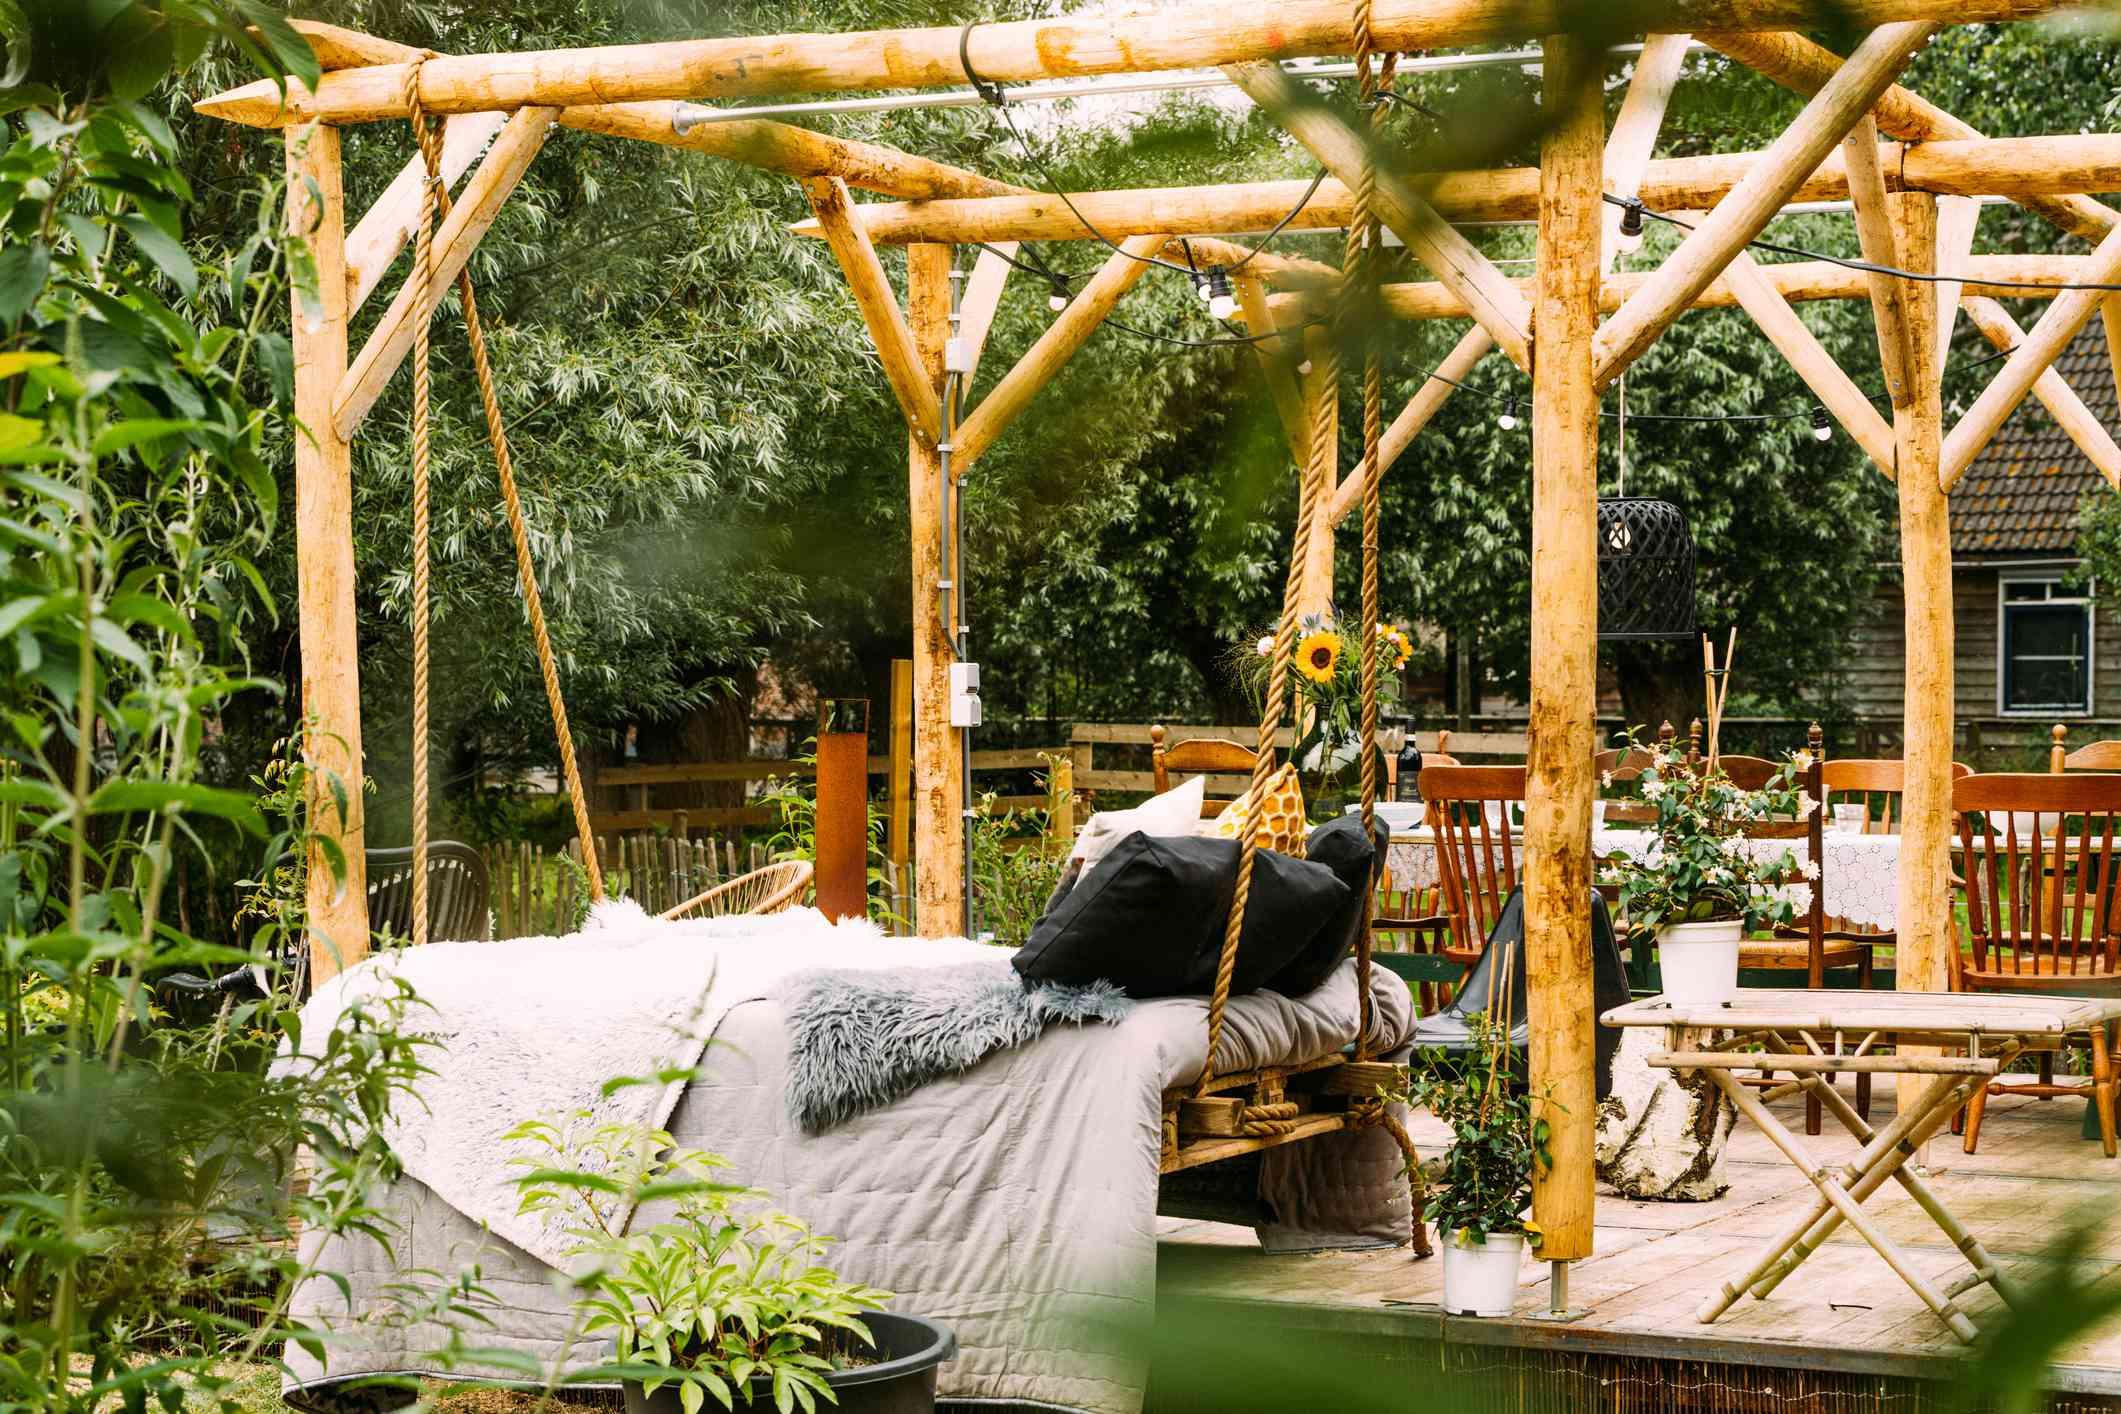 Patio de jardín de madera con árboles verdes en un entorno de verano y un diván